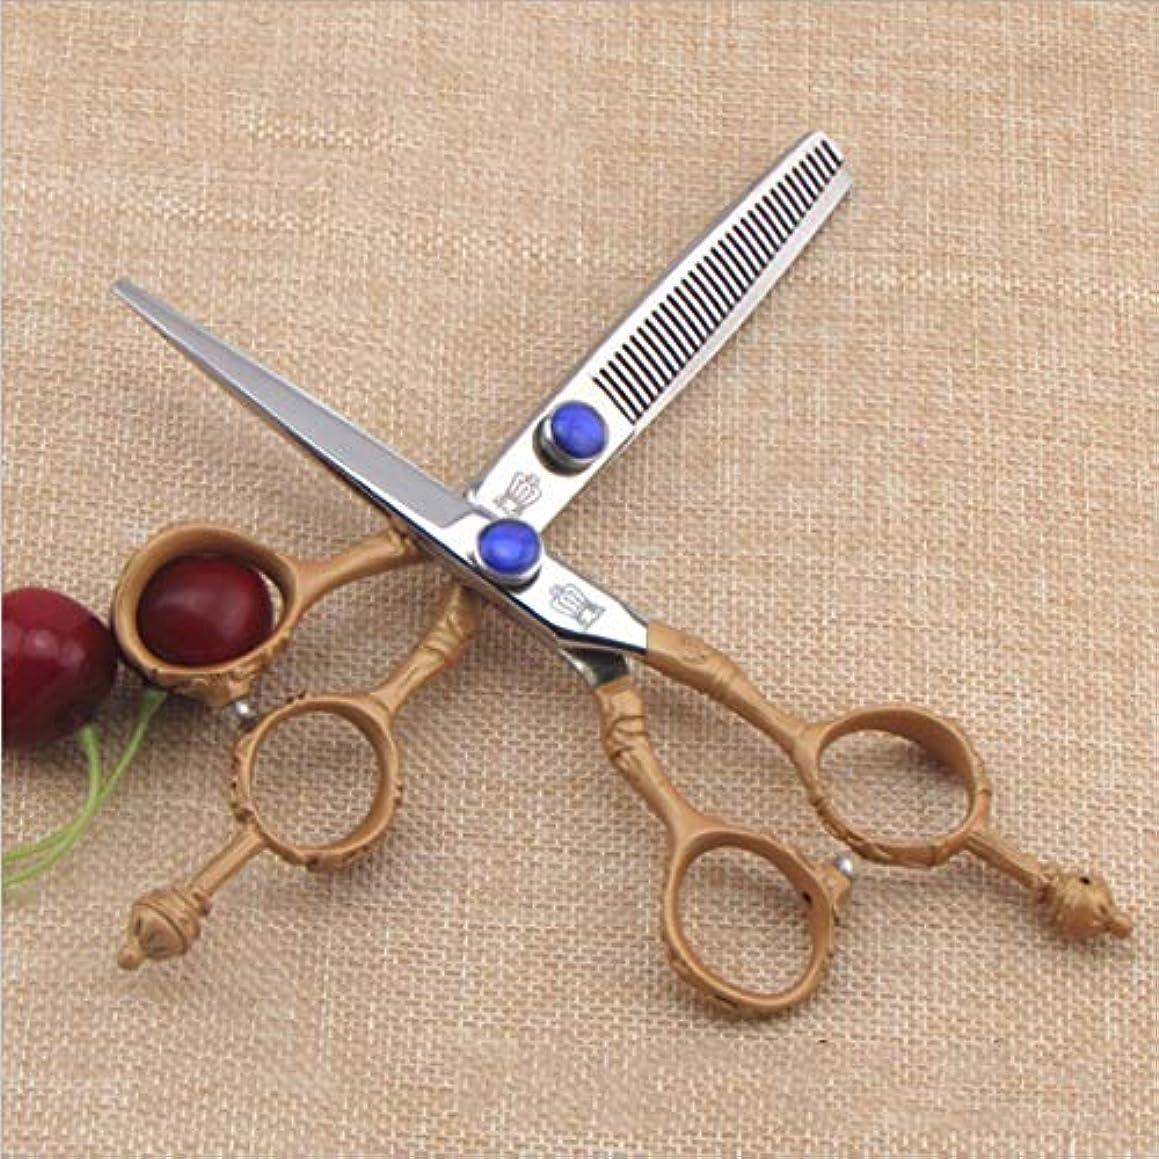 アナロジー構成員人ハイエンド理髪はさみ - 髪を薄くするはさみキット、プロの理髪師はさみ モデリングツール (Design : B)